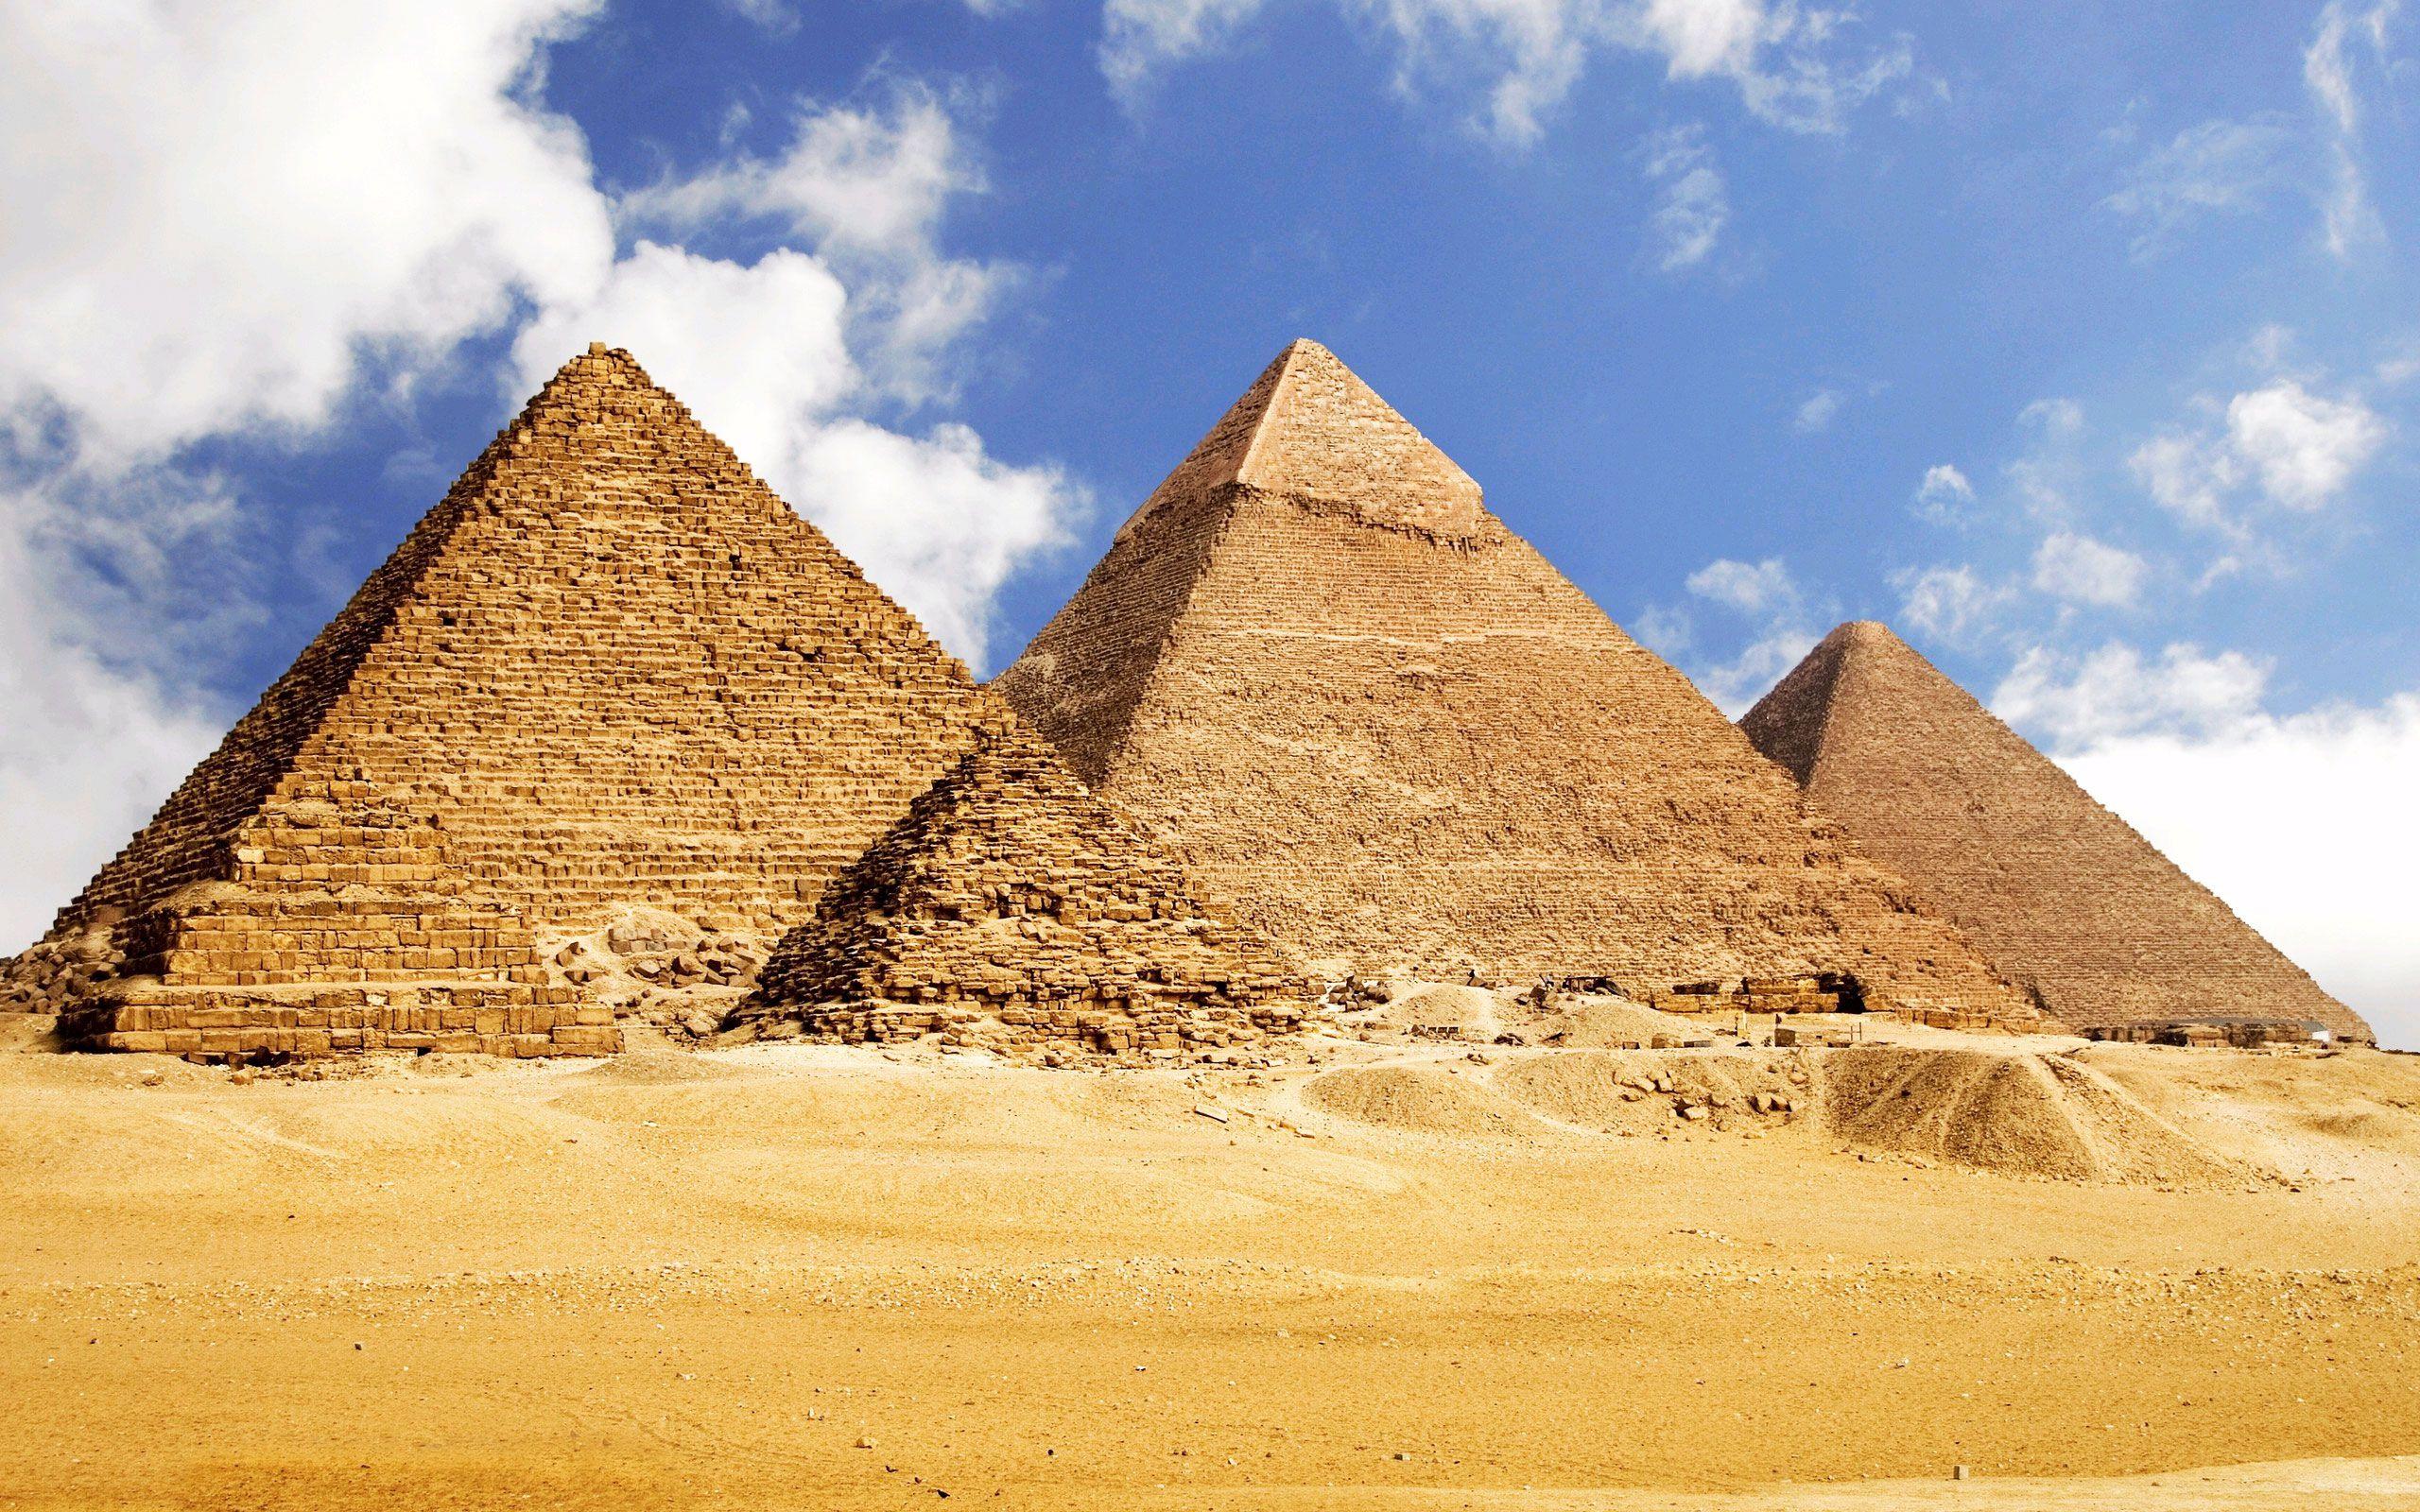 Pyramids-Egypt.jpg